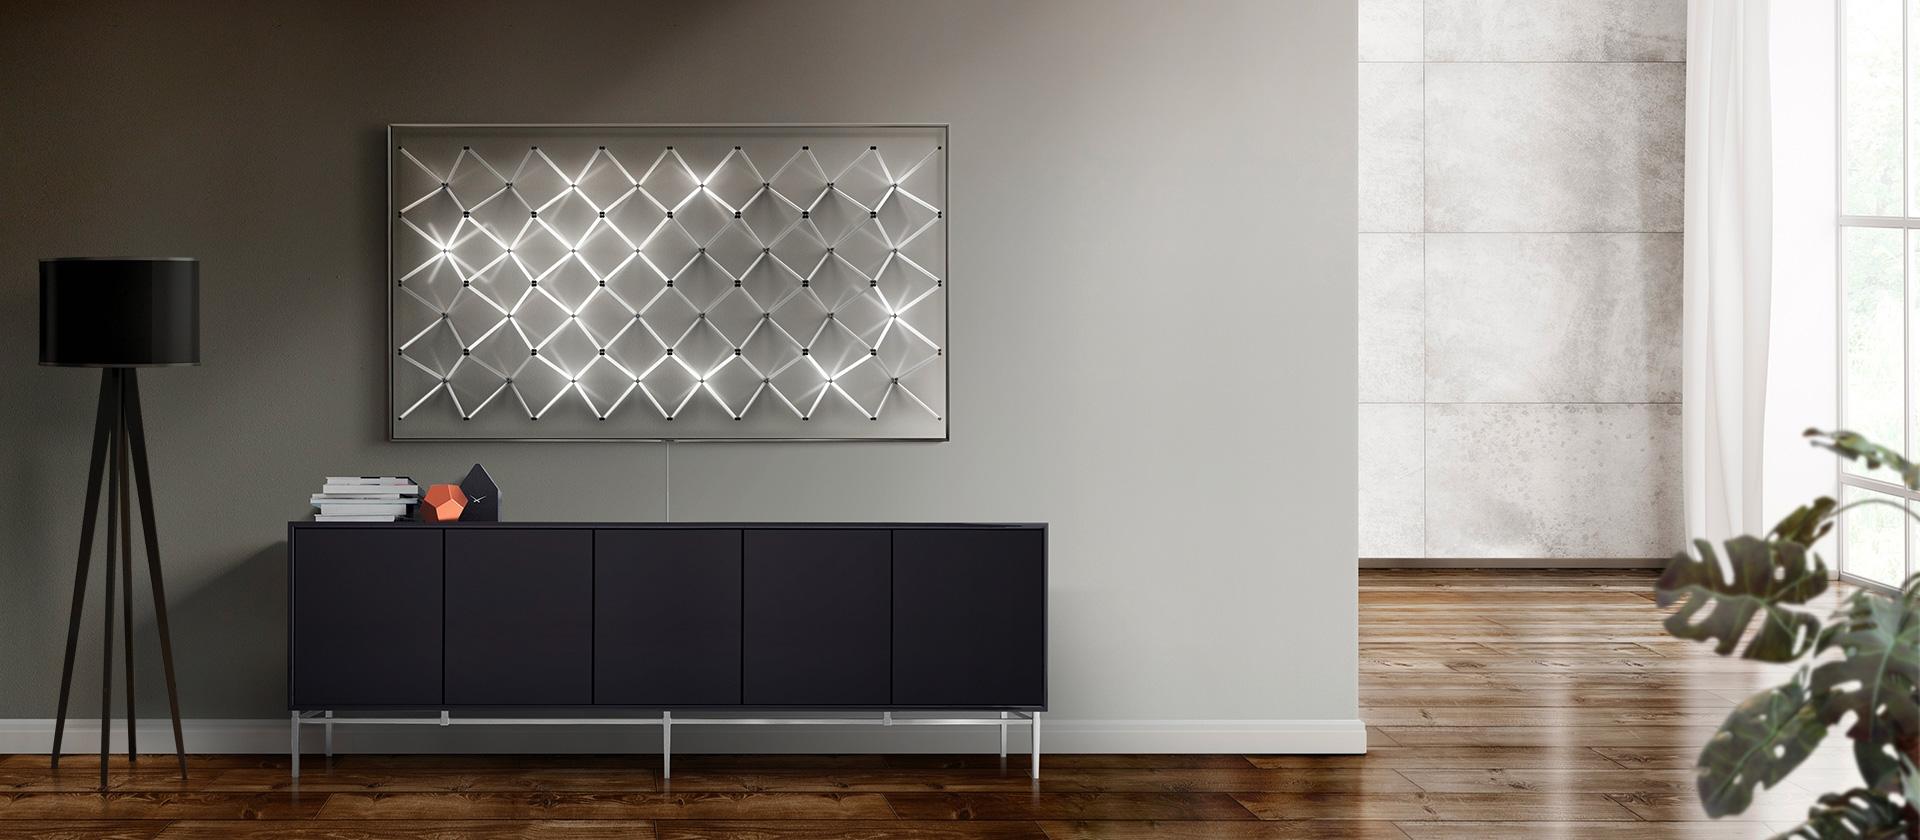 O Modo Ambiente da nova Samsung QLED TV apresenta novos conteúdos num padrão de grelha de luz, de forma a oferecer um elemento que encaixe com a decoração de parede na sala de estar.